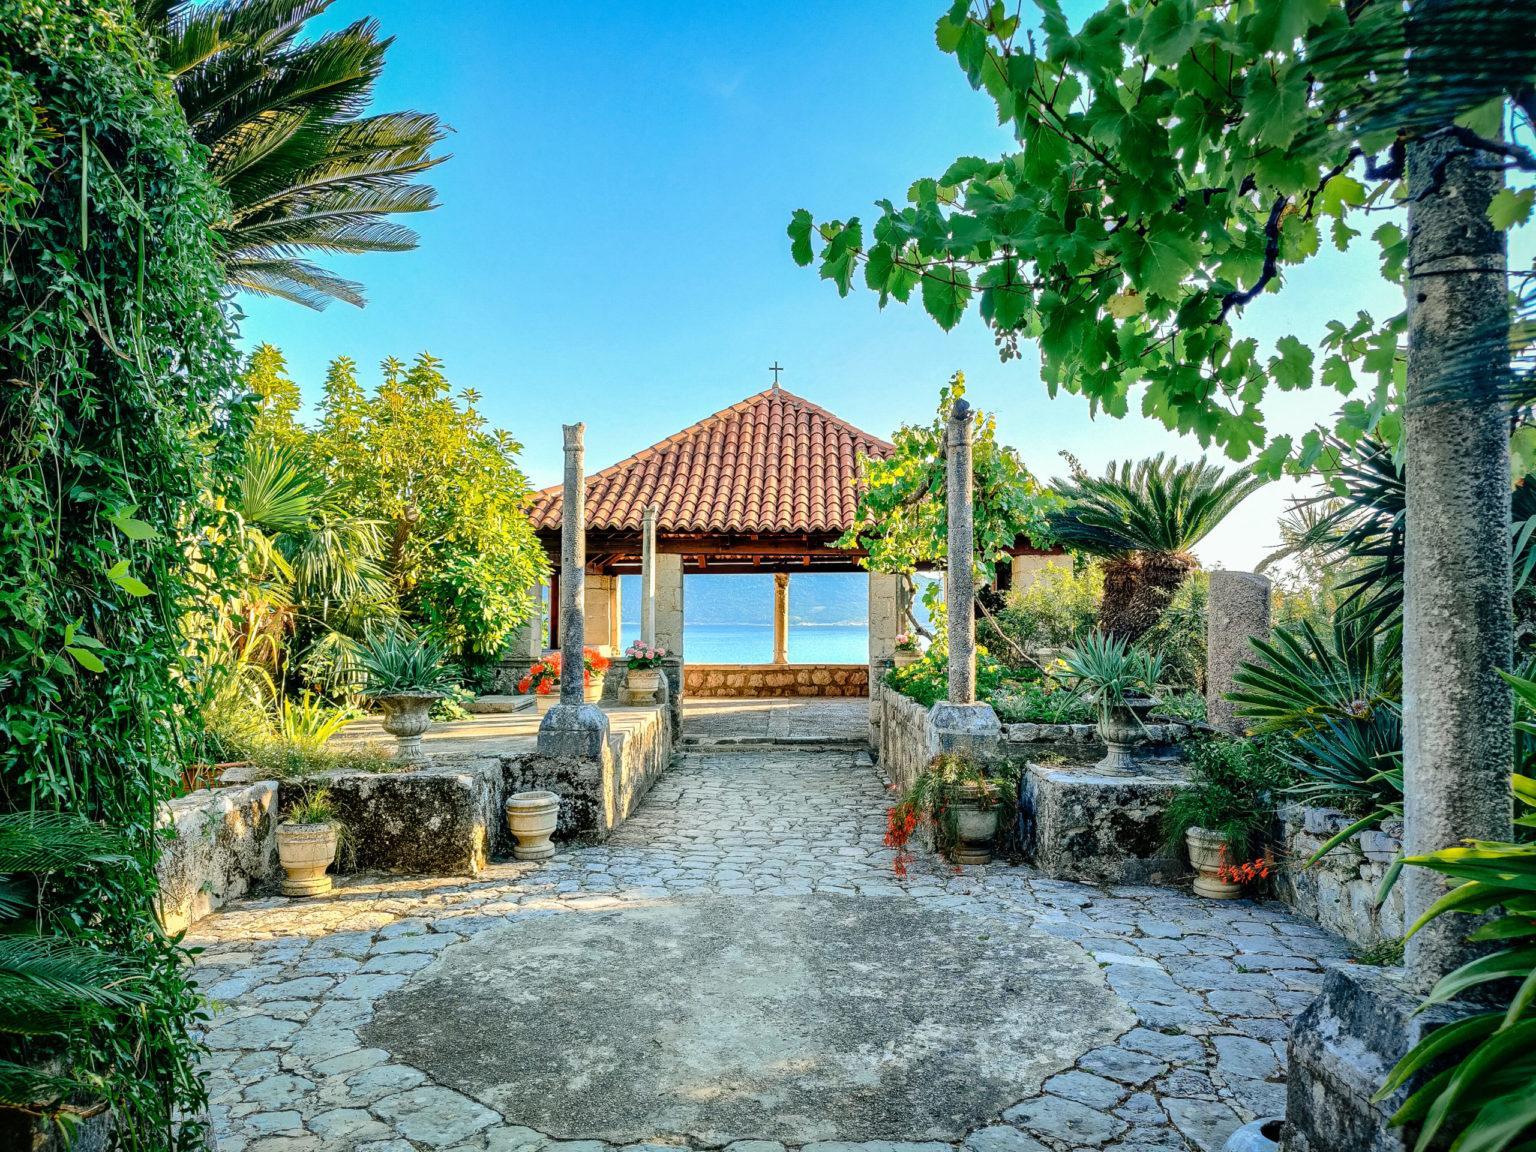 hochzeitslocation Kroatien location hochzeit heiraten 1 10 scaled - Historische Gärten